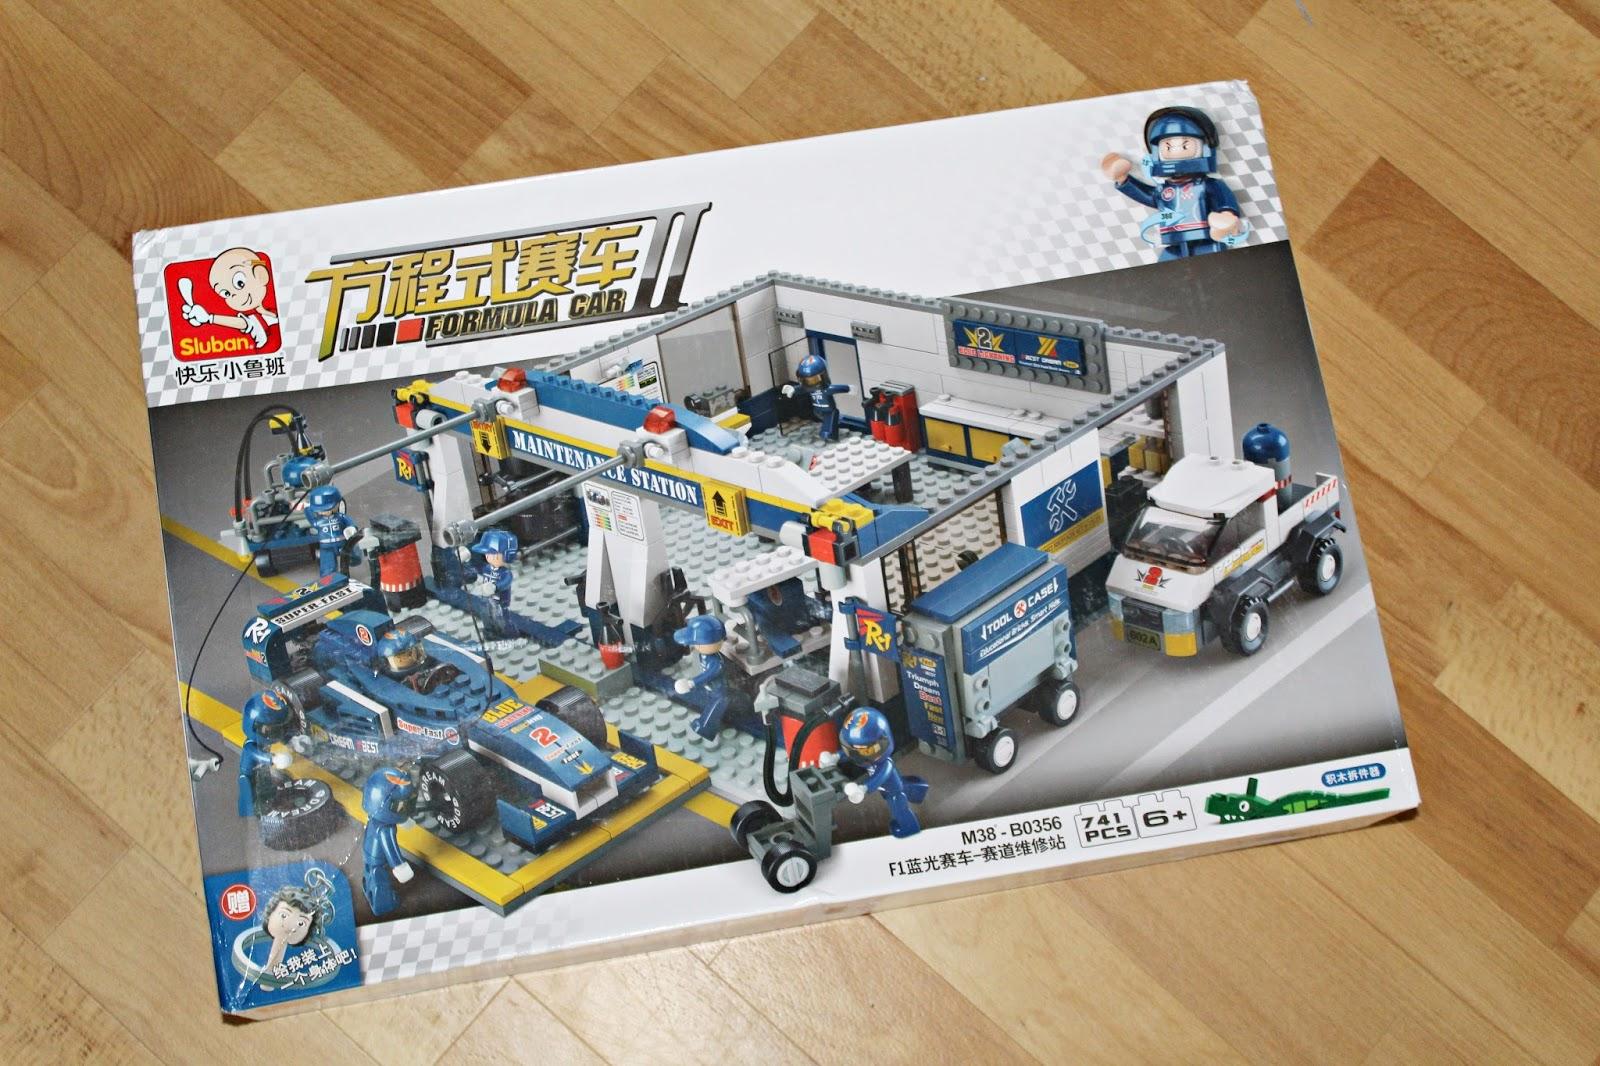 Chińskie Lego ze sklepu Dresslily